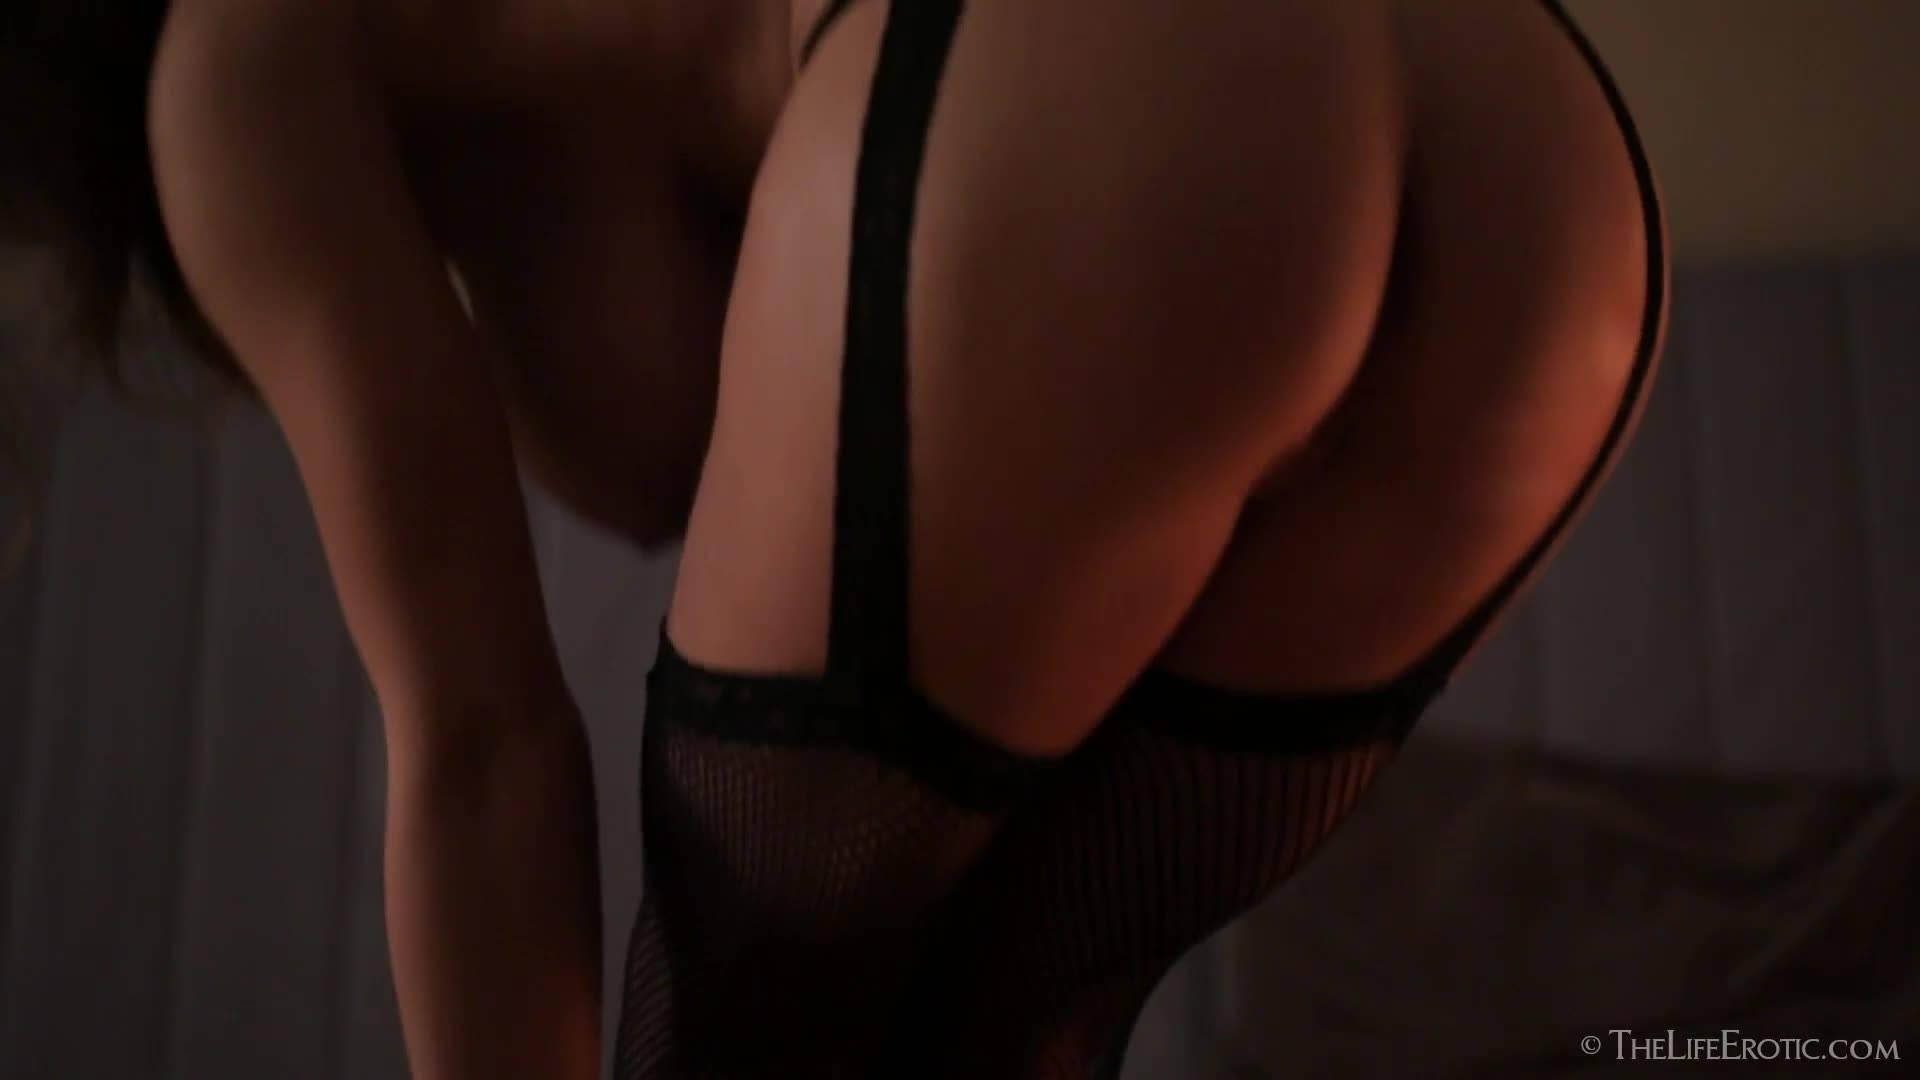 Красотка мастурбирует бритую киску крупным планом и эротично кончает